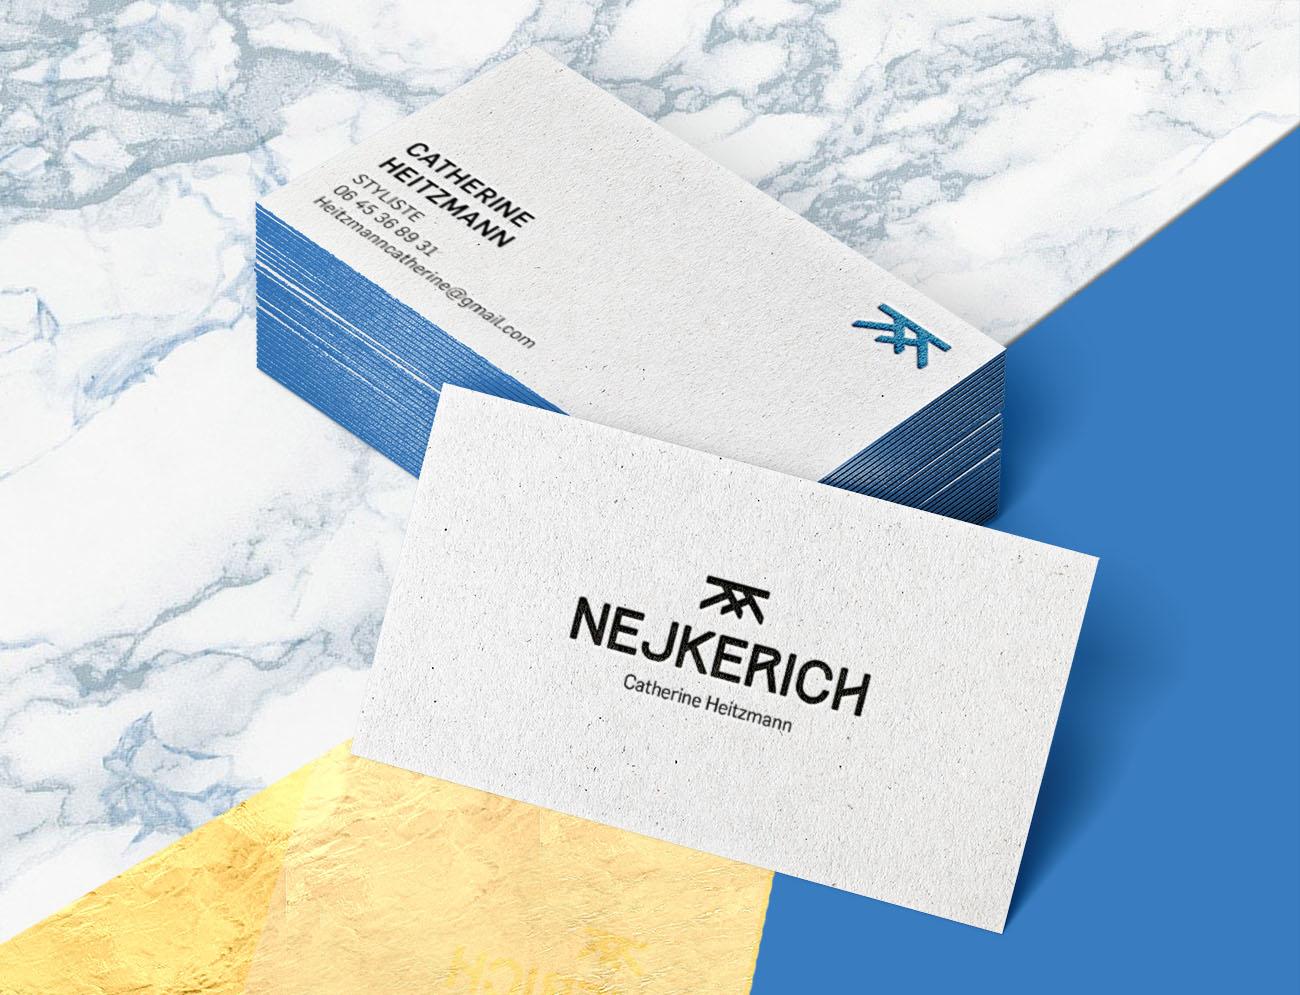 Identité visuelle Nejkerich carte de visite